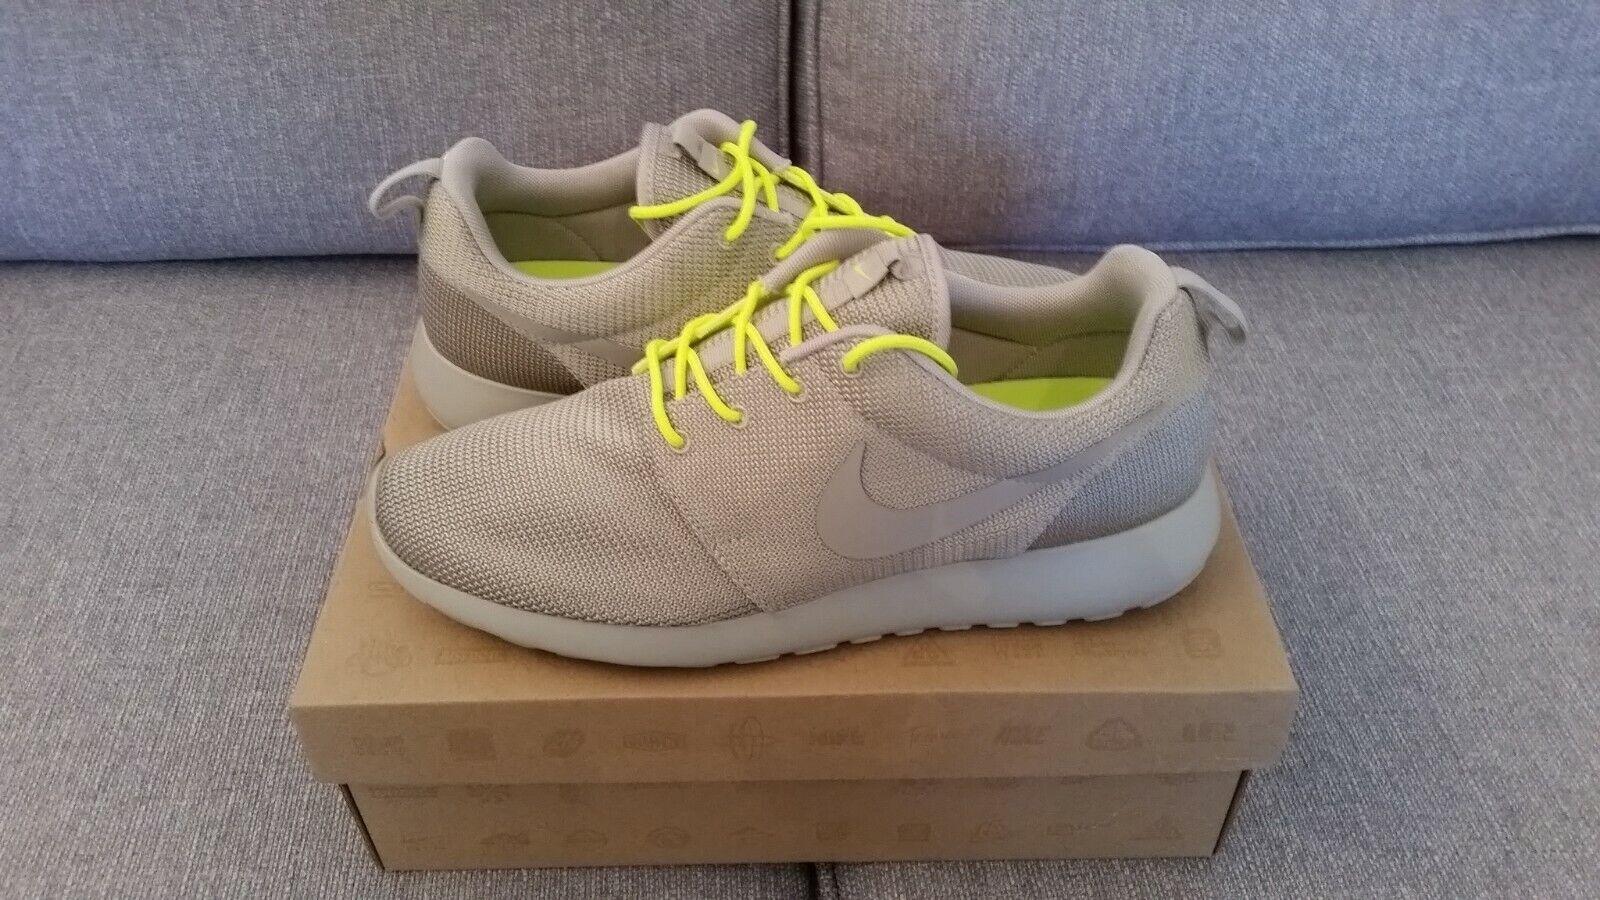 Nike Roshe Run - Grey   Yellow  - Men's UK 10